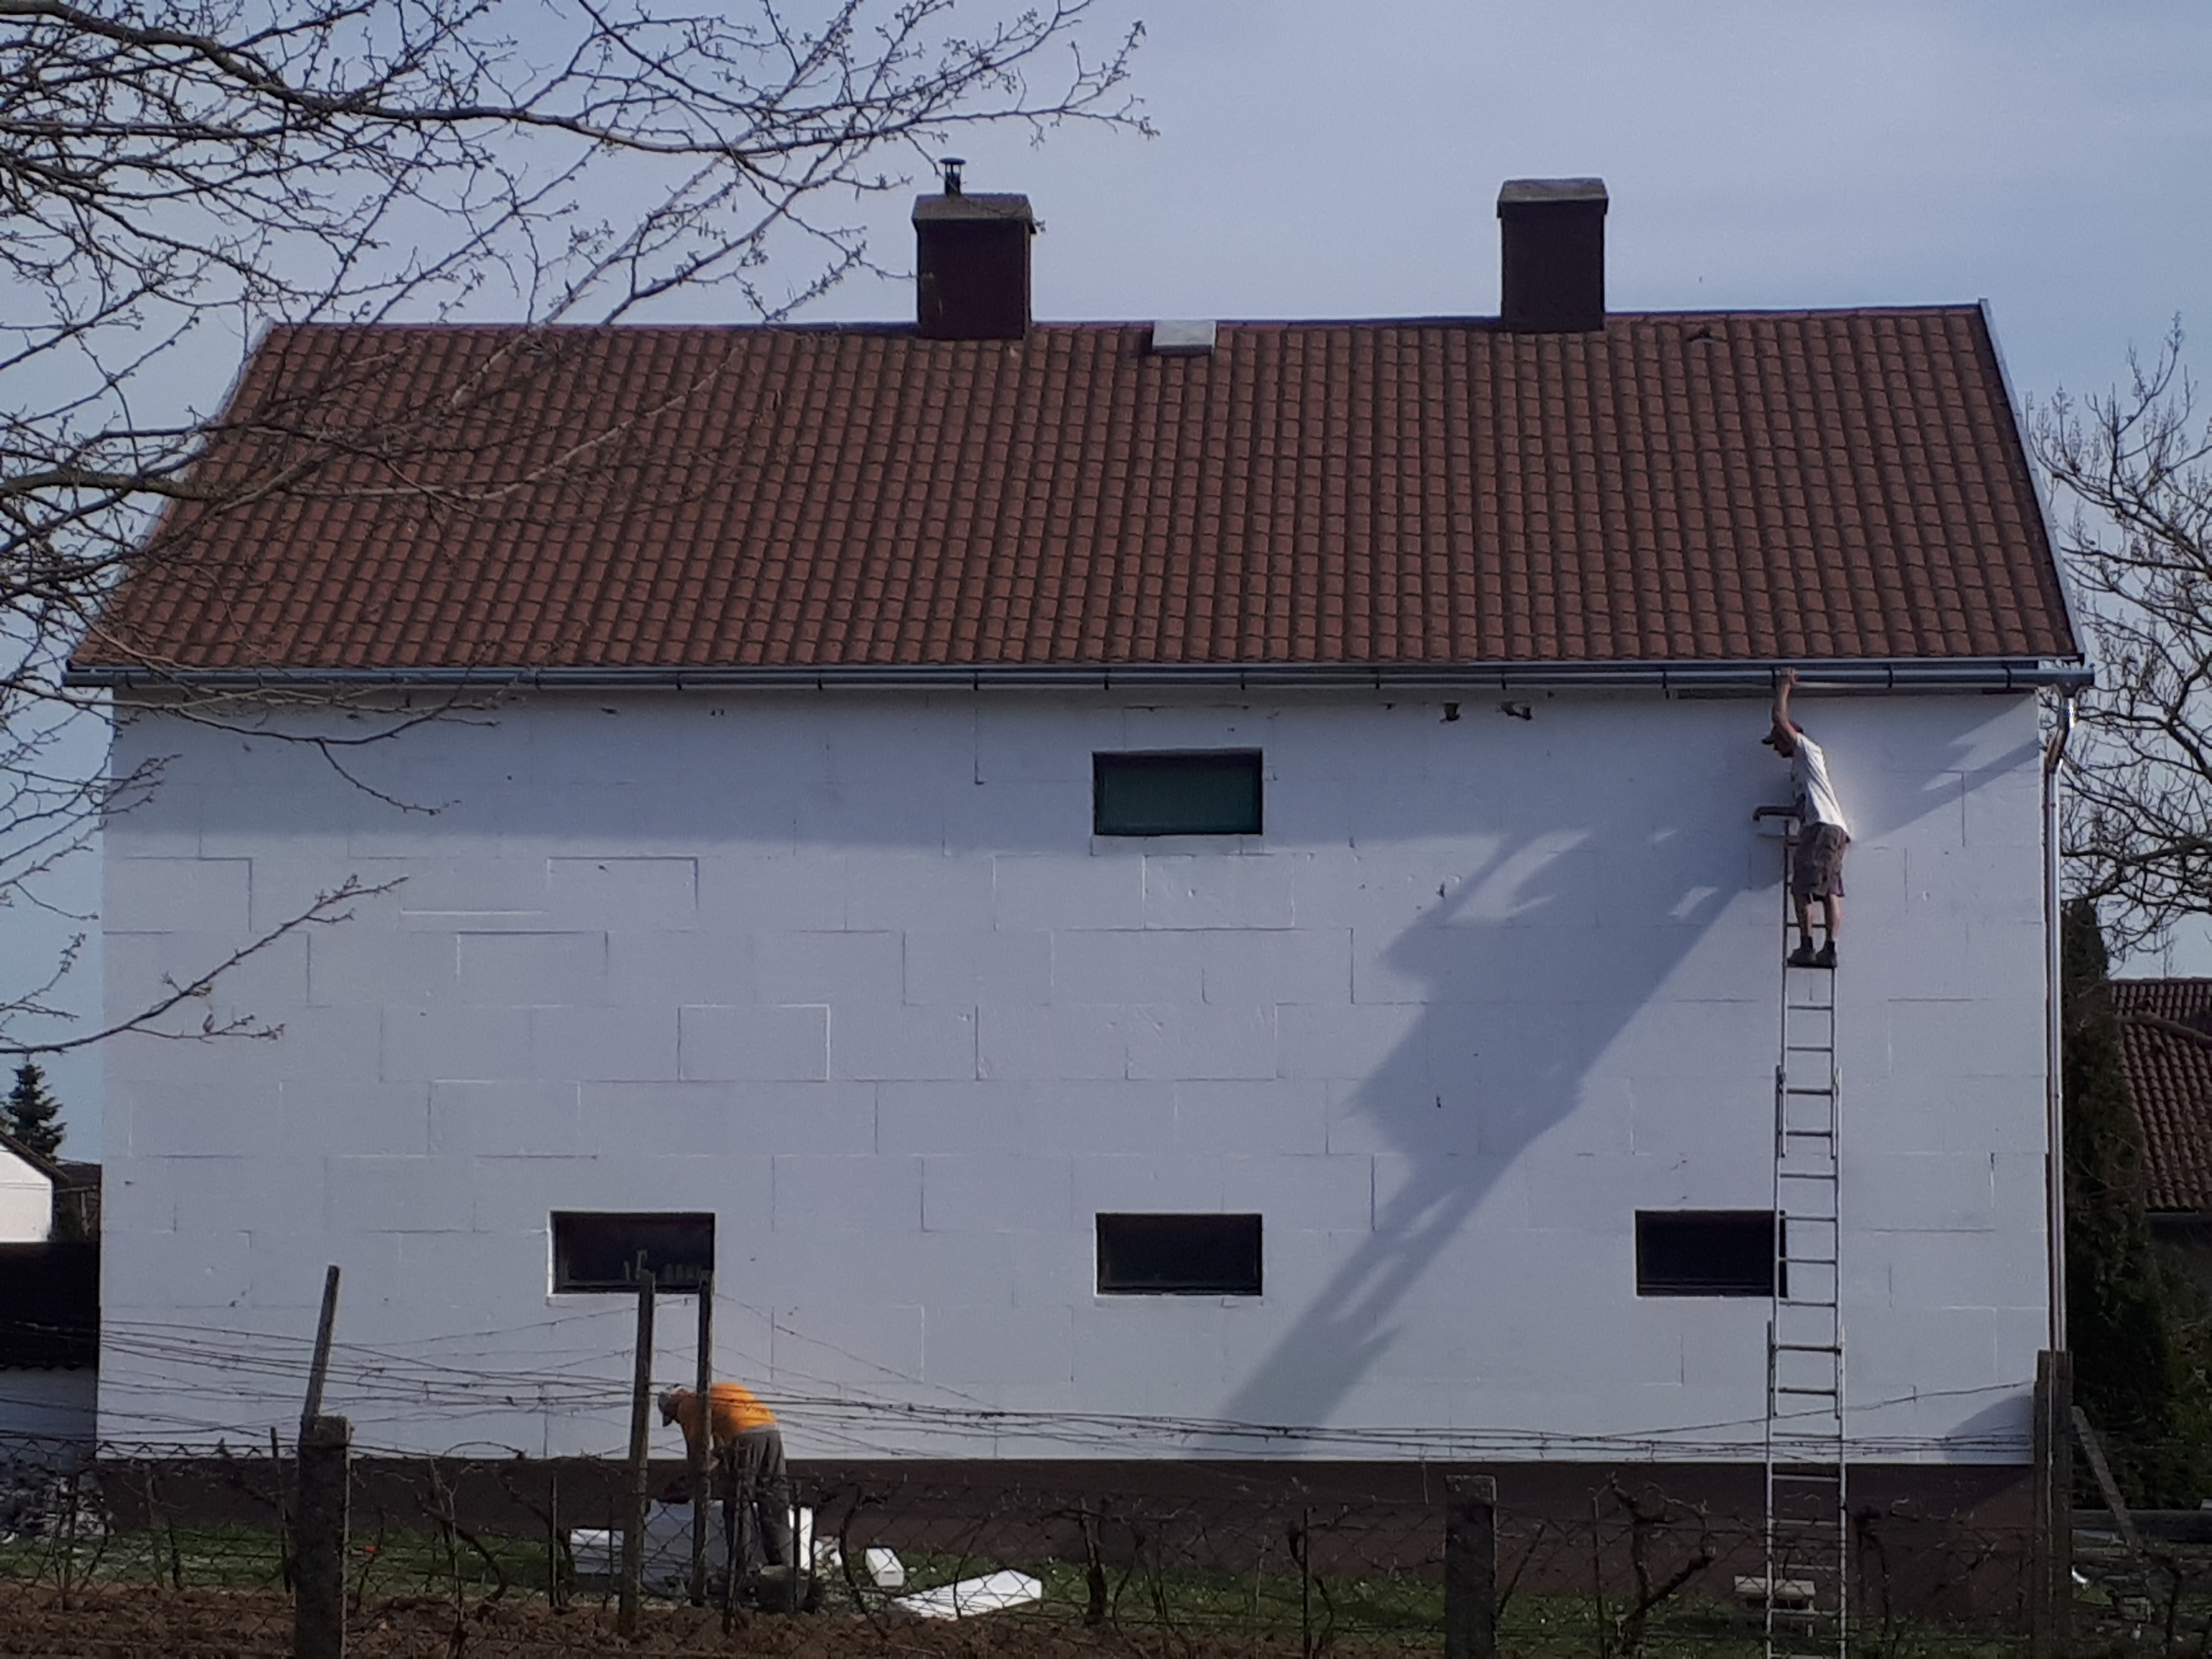 Palatető felújítás Söpte, palatető szigetelés SöpteCsaládi ház palatető felújítása